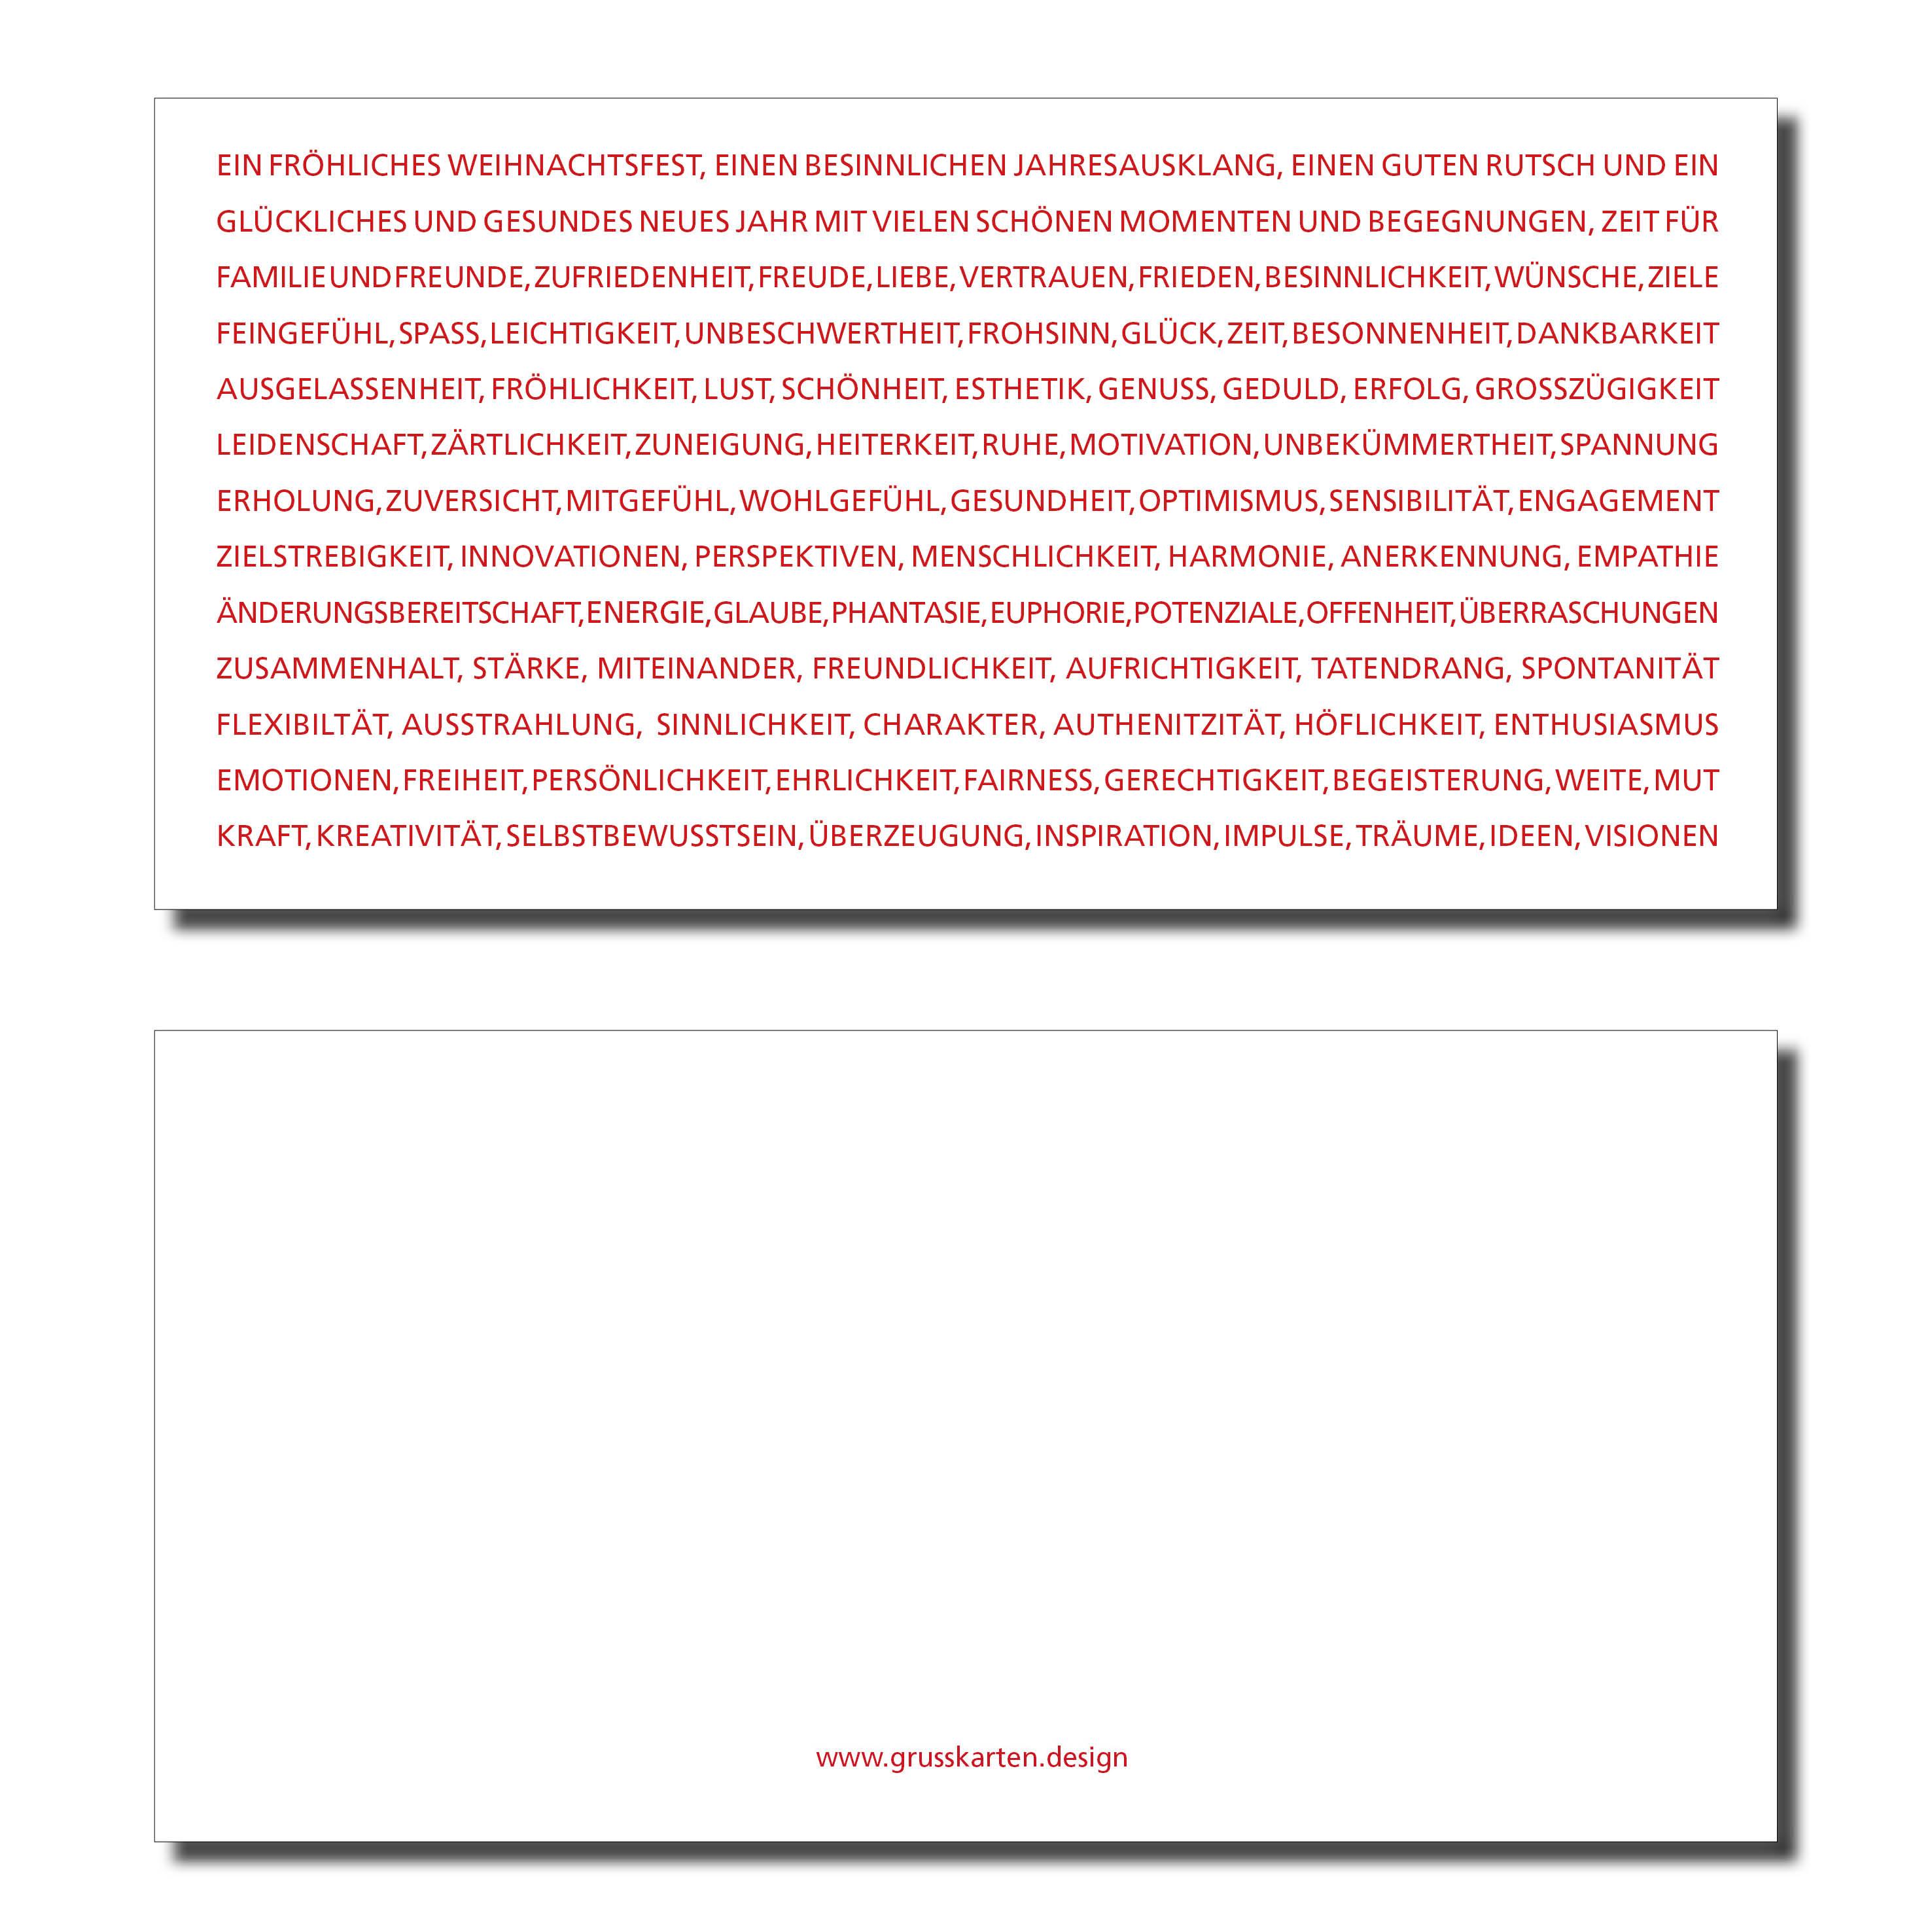 Ideen F303274r Weihnachtskarten.Anregend Weihnachtskarte Ein Frohliches Weihnachtsfest Inkl Kuvert Und Versand